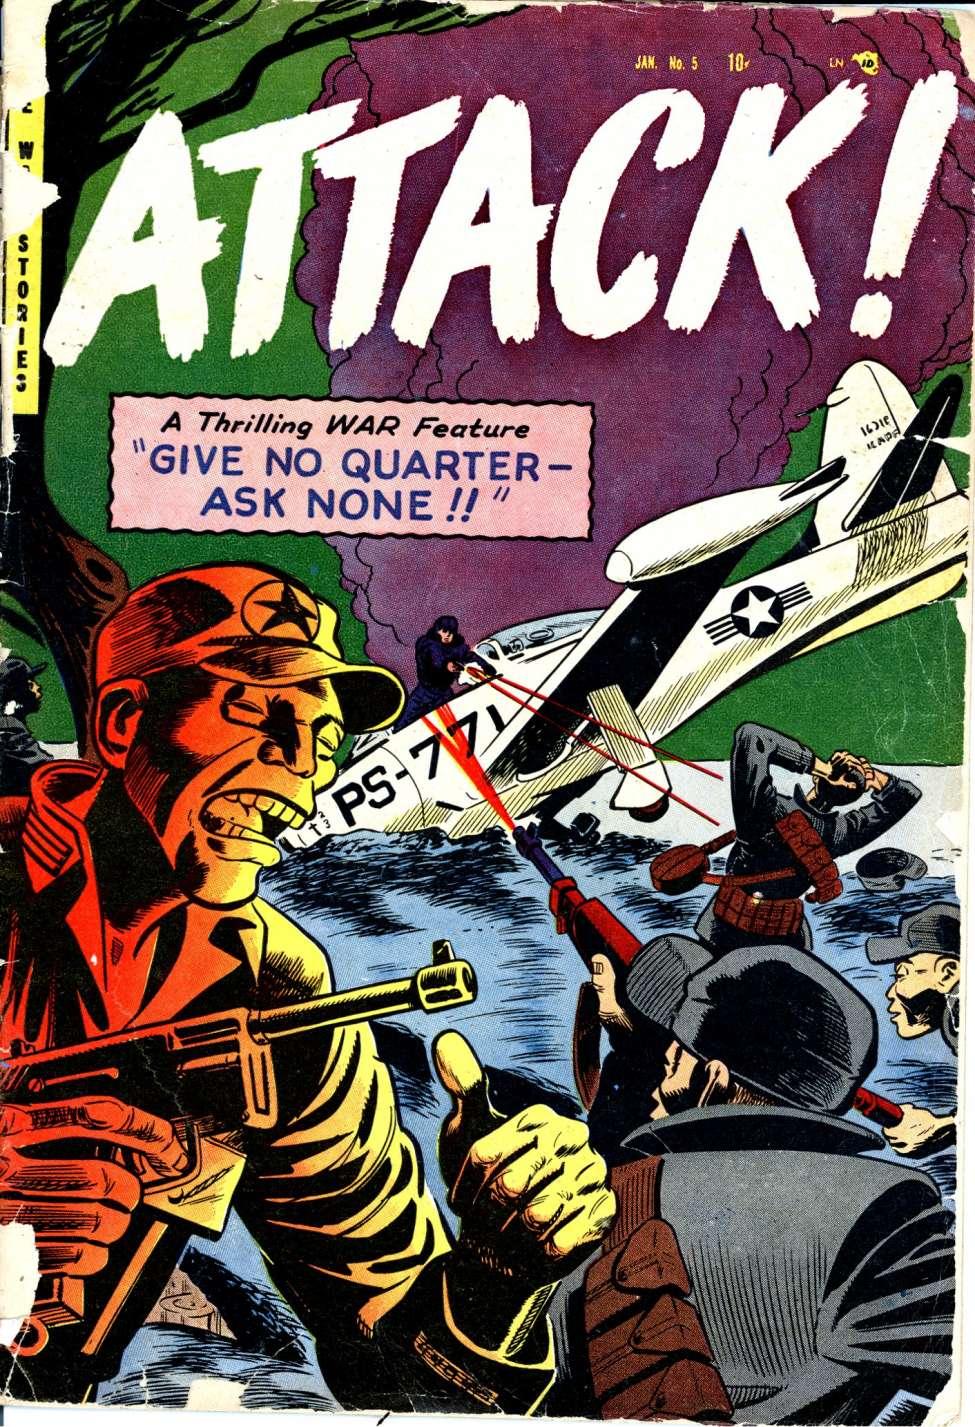 Attack! Vol 1 5 (1)